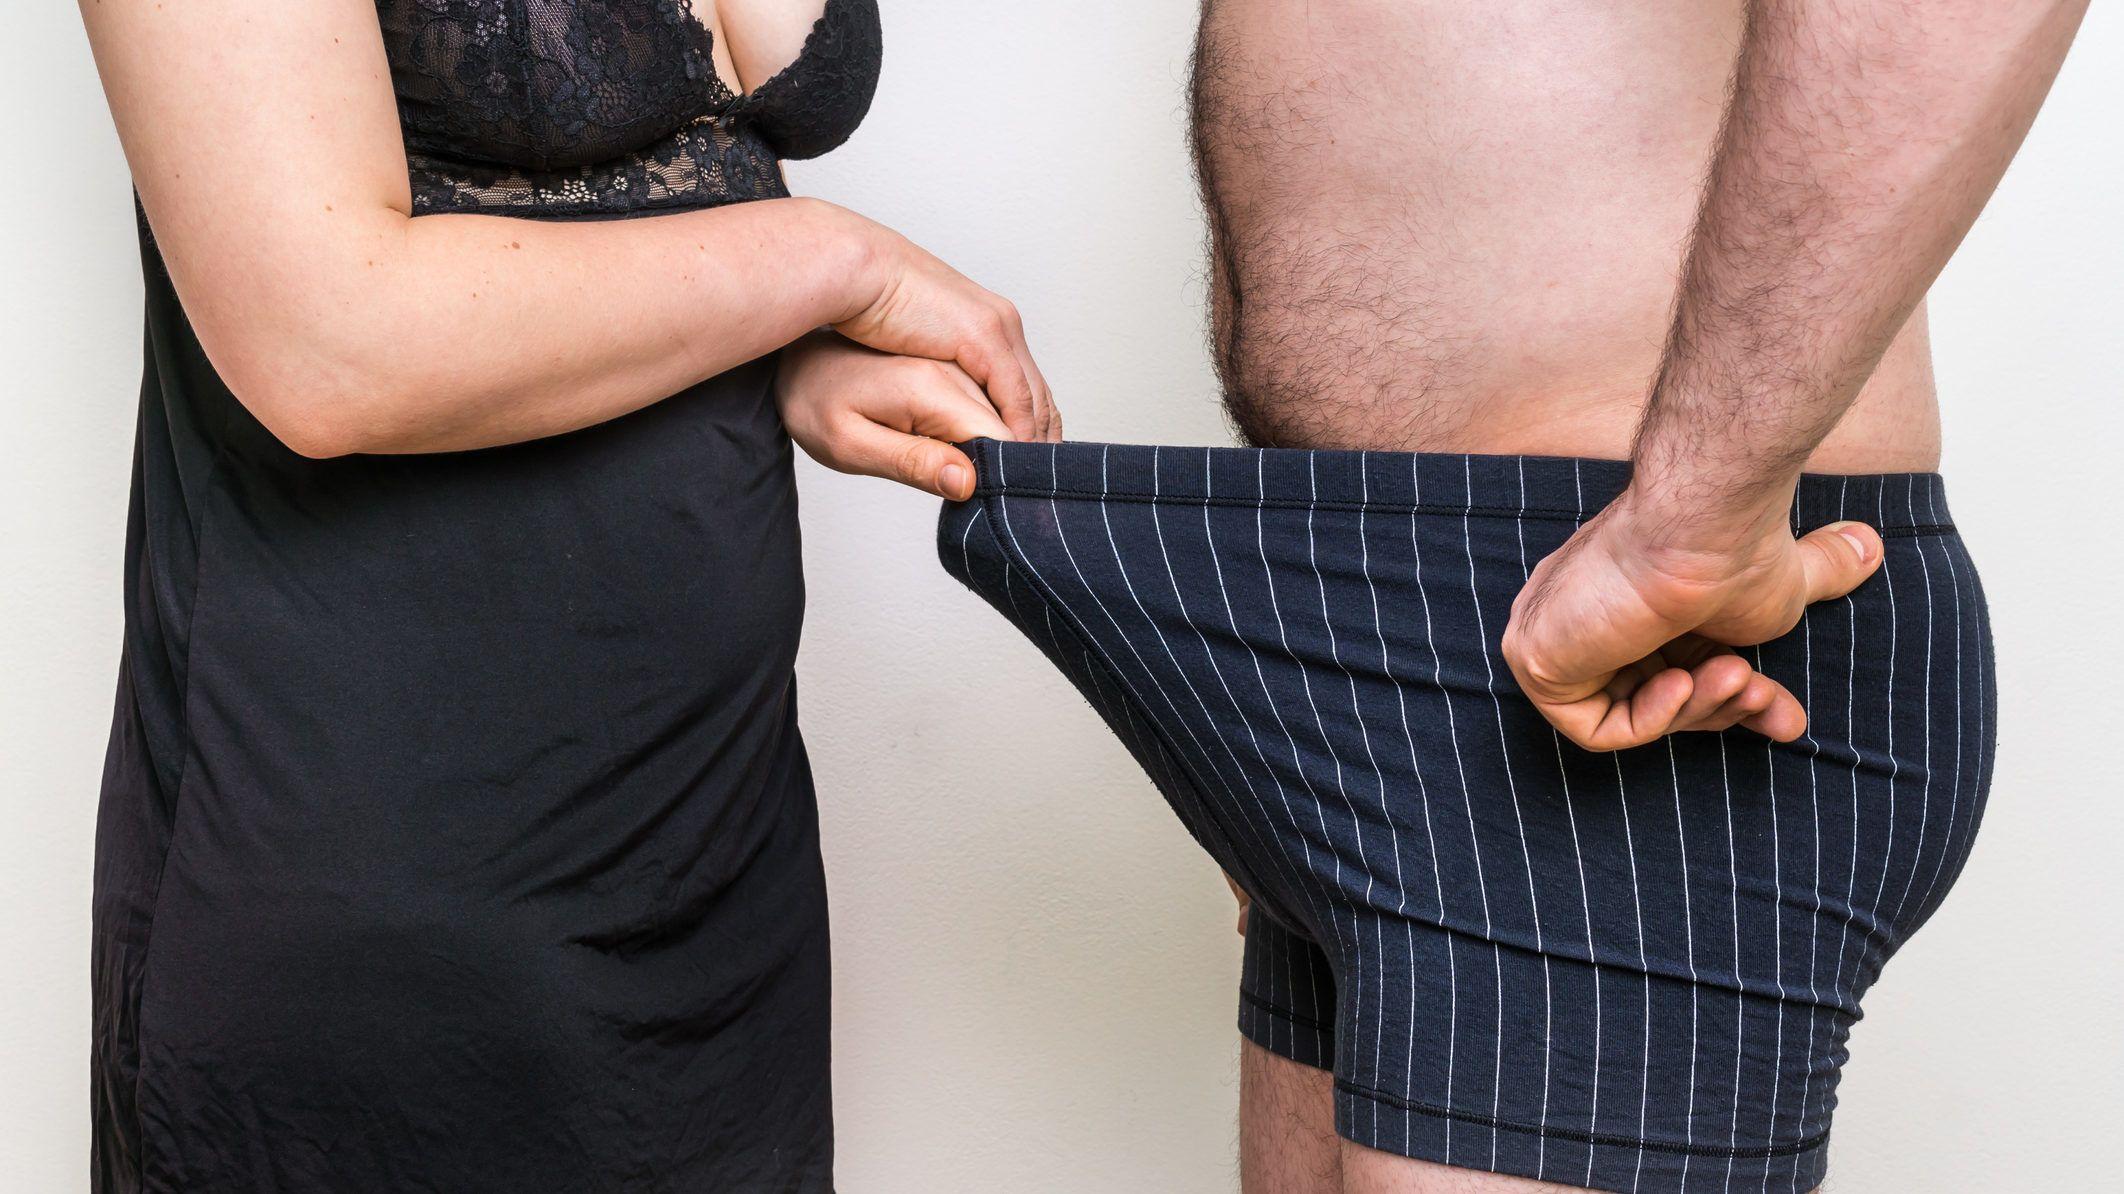 hogyan lehet csökkenteni az erekciót a férfiaknál merevedés, hogy a nők hogyan szeretik